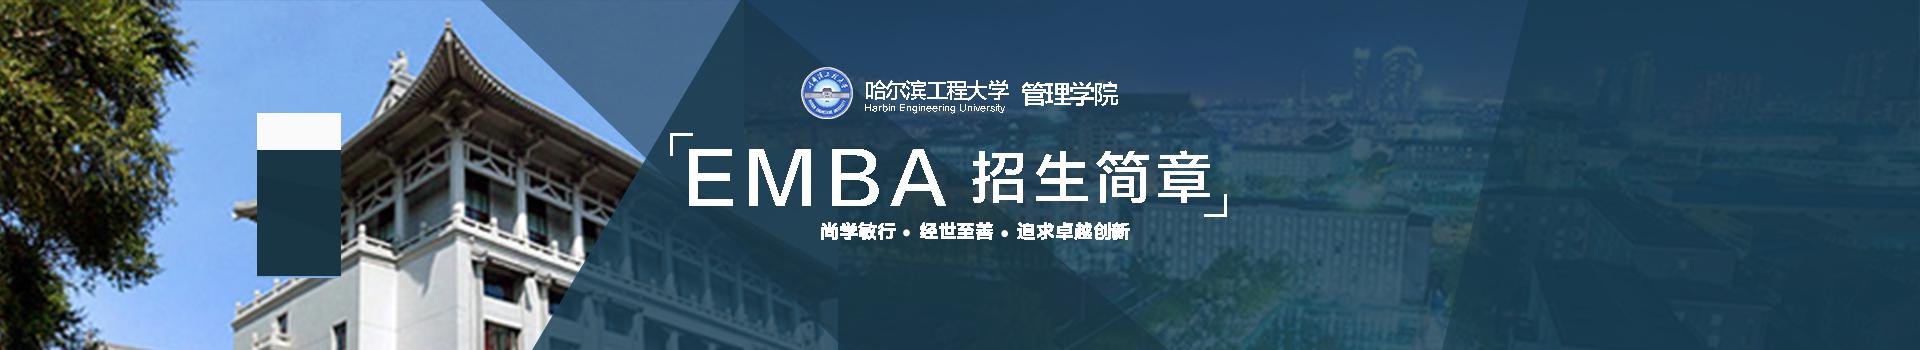 哈尔滨工程大学经济管理学院高级工商管理硕士EMBA招生简章